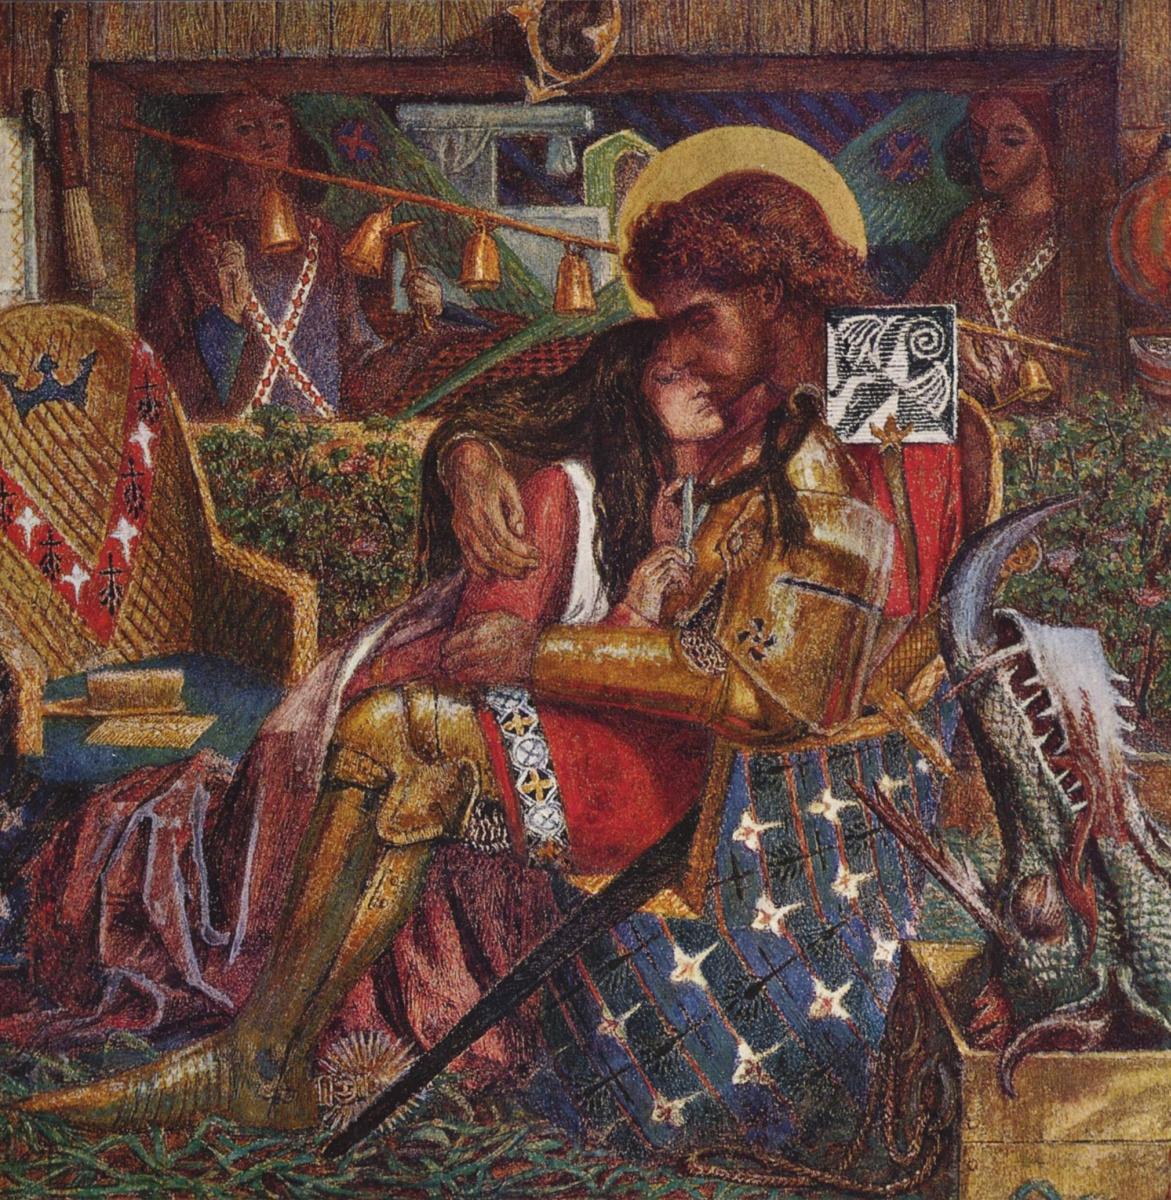 Данте Габриэль Россетти. Свадьба св. Георгия и принцессы Сабры